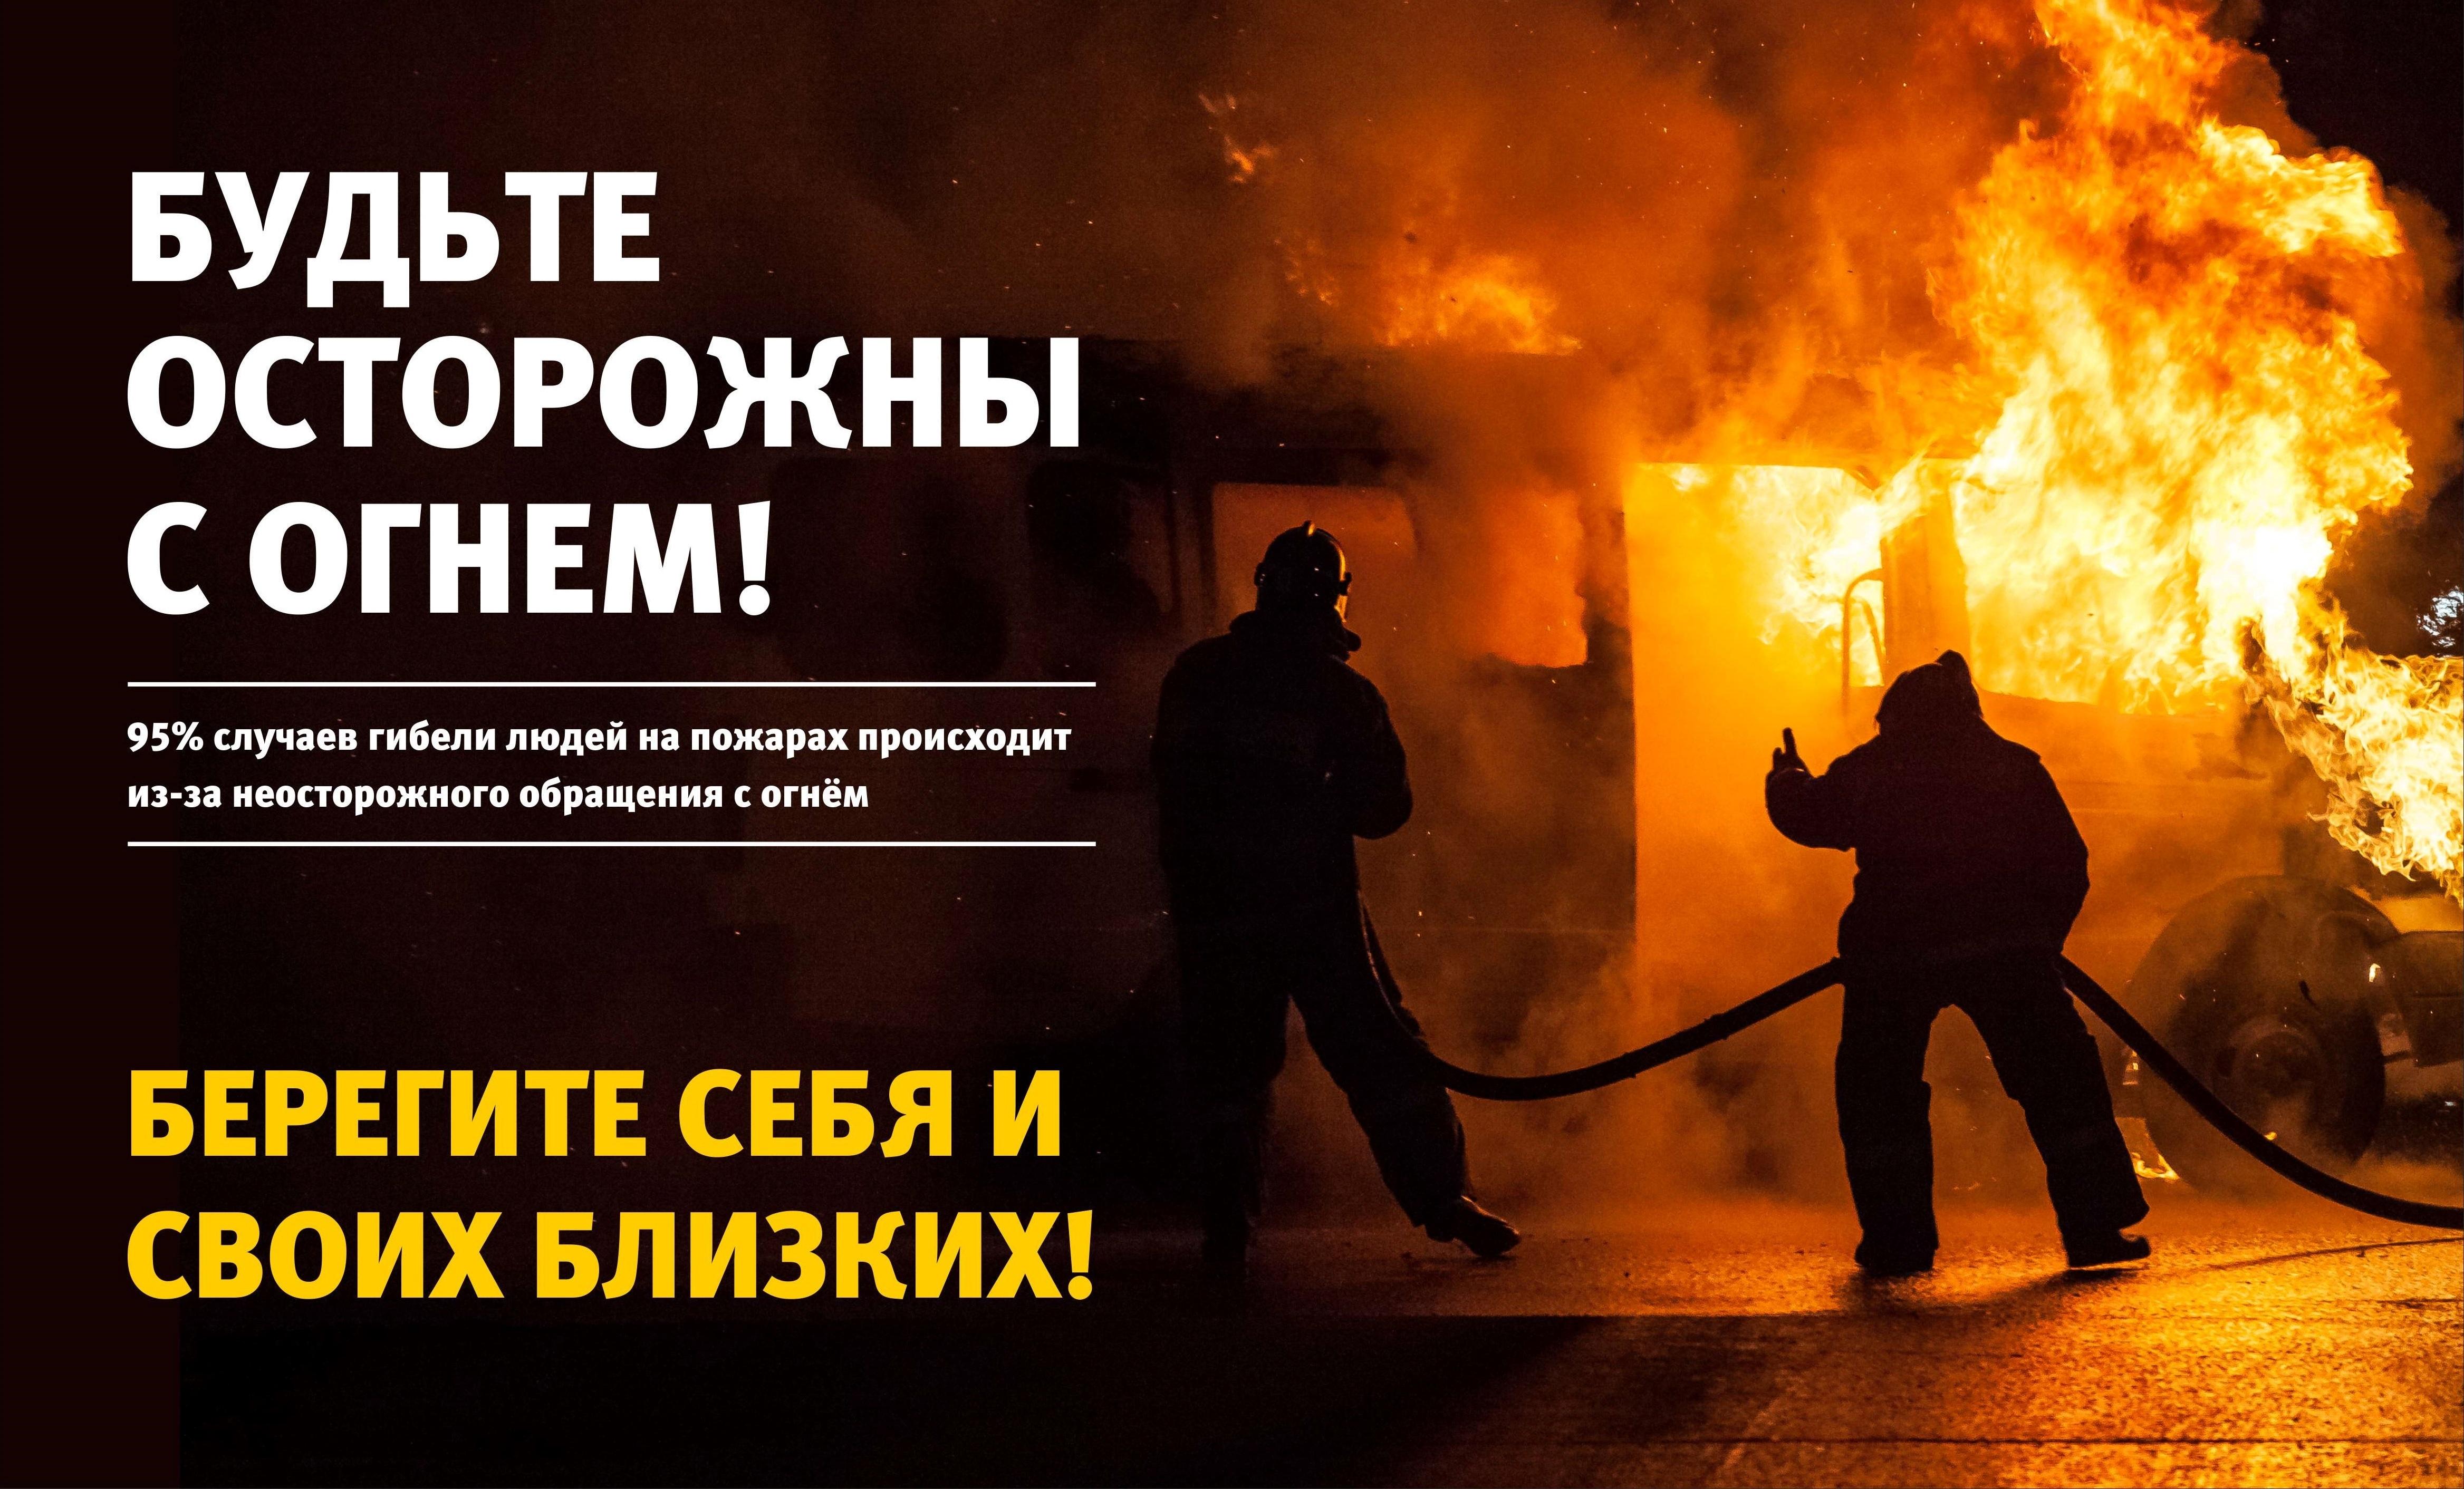 Соблюдение правил пожарной безопасности в быту